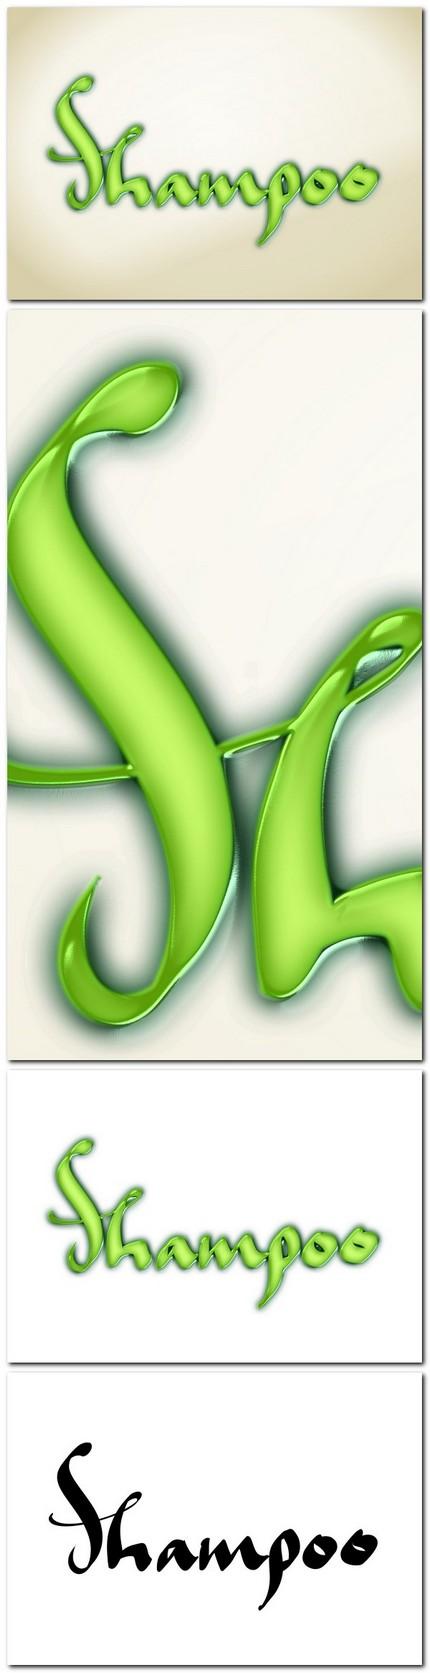 Shampoo - caligrafie digitală de Florin Florea